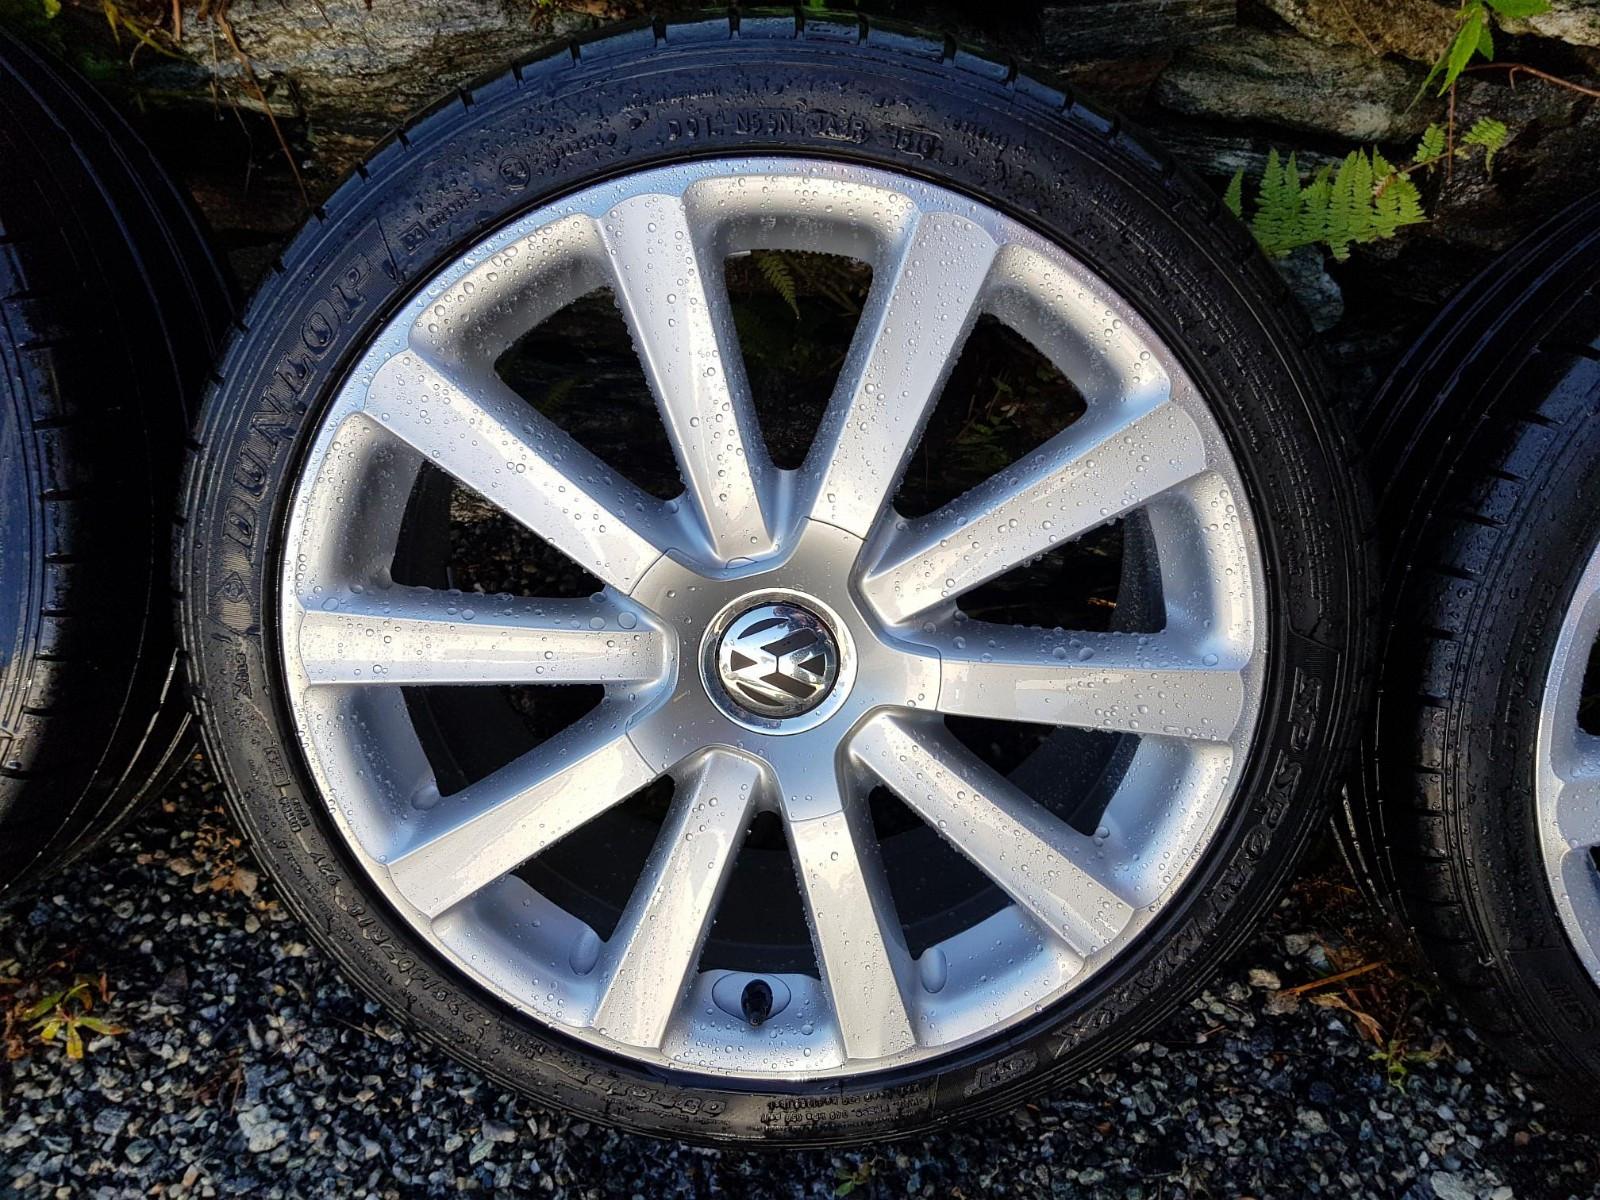 """18"""" Omanyt VW sommerhjul - Hordvik  - 18"""" Volkswagen Omanyt Originale felger. Så godt helt strøkne uten noe skader/merker. Dekk er gamle, må skiftes  225 40 18 Et51 Passer på flere VW. Golf, Caddy, Touran etc  Kr 7000,- Fast pris Må hentes - Hordvik"""